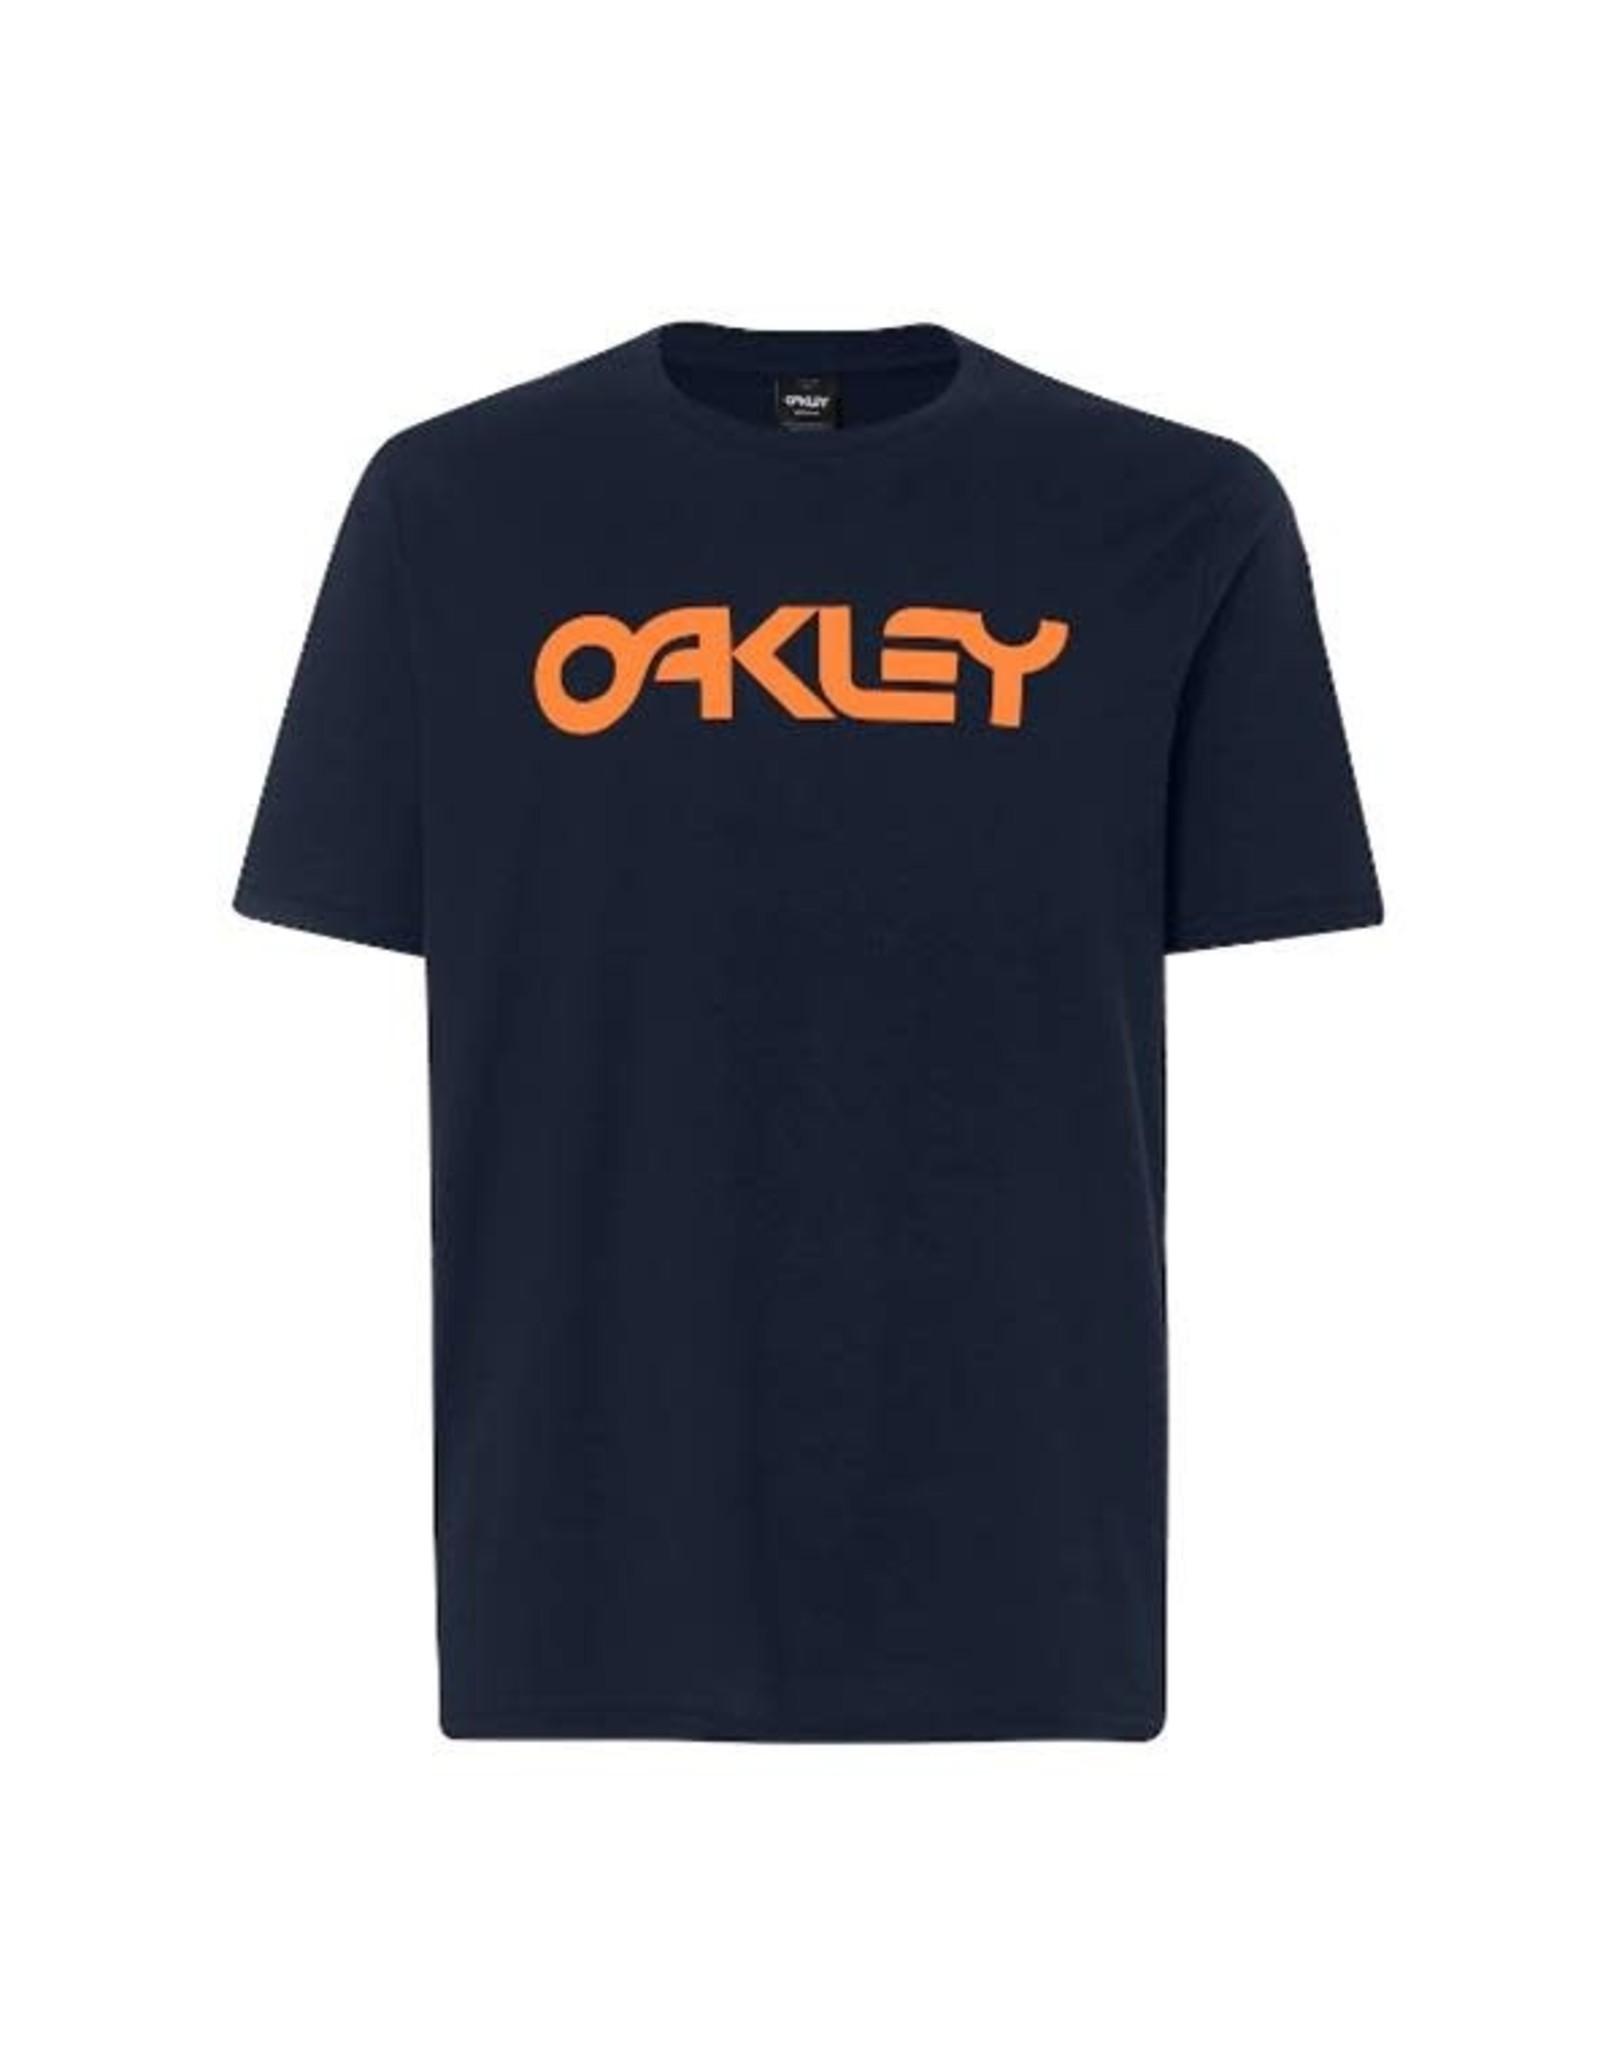 Oakley Oakley - MARK II Tee Fathom (Blue)  - L